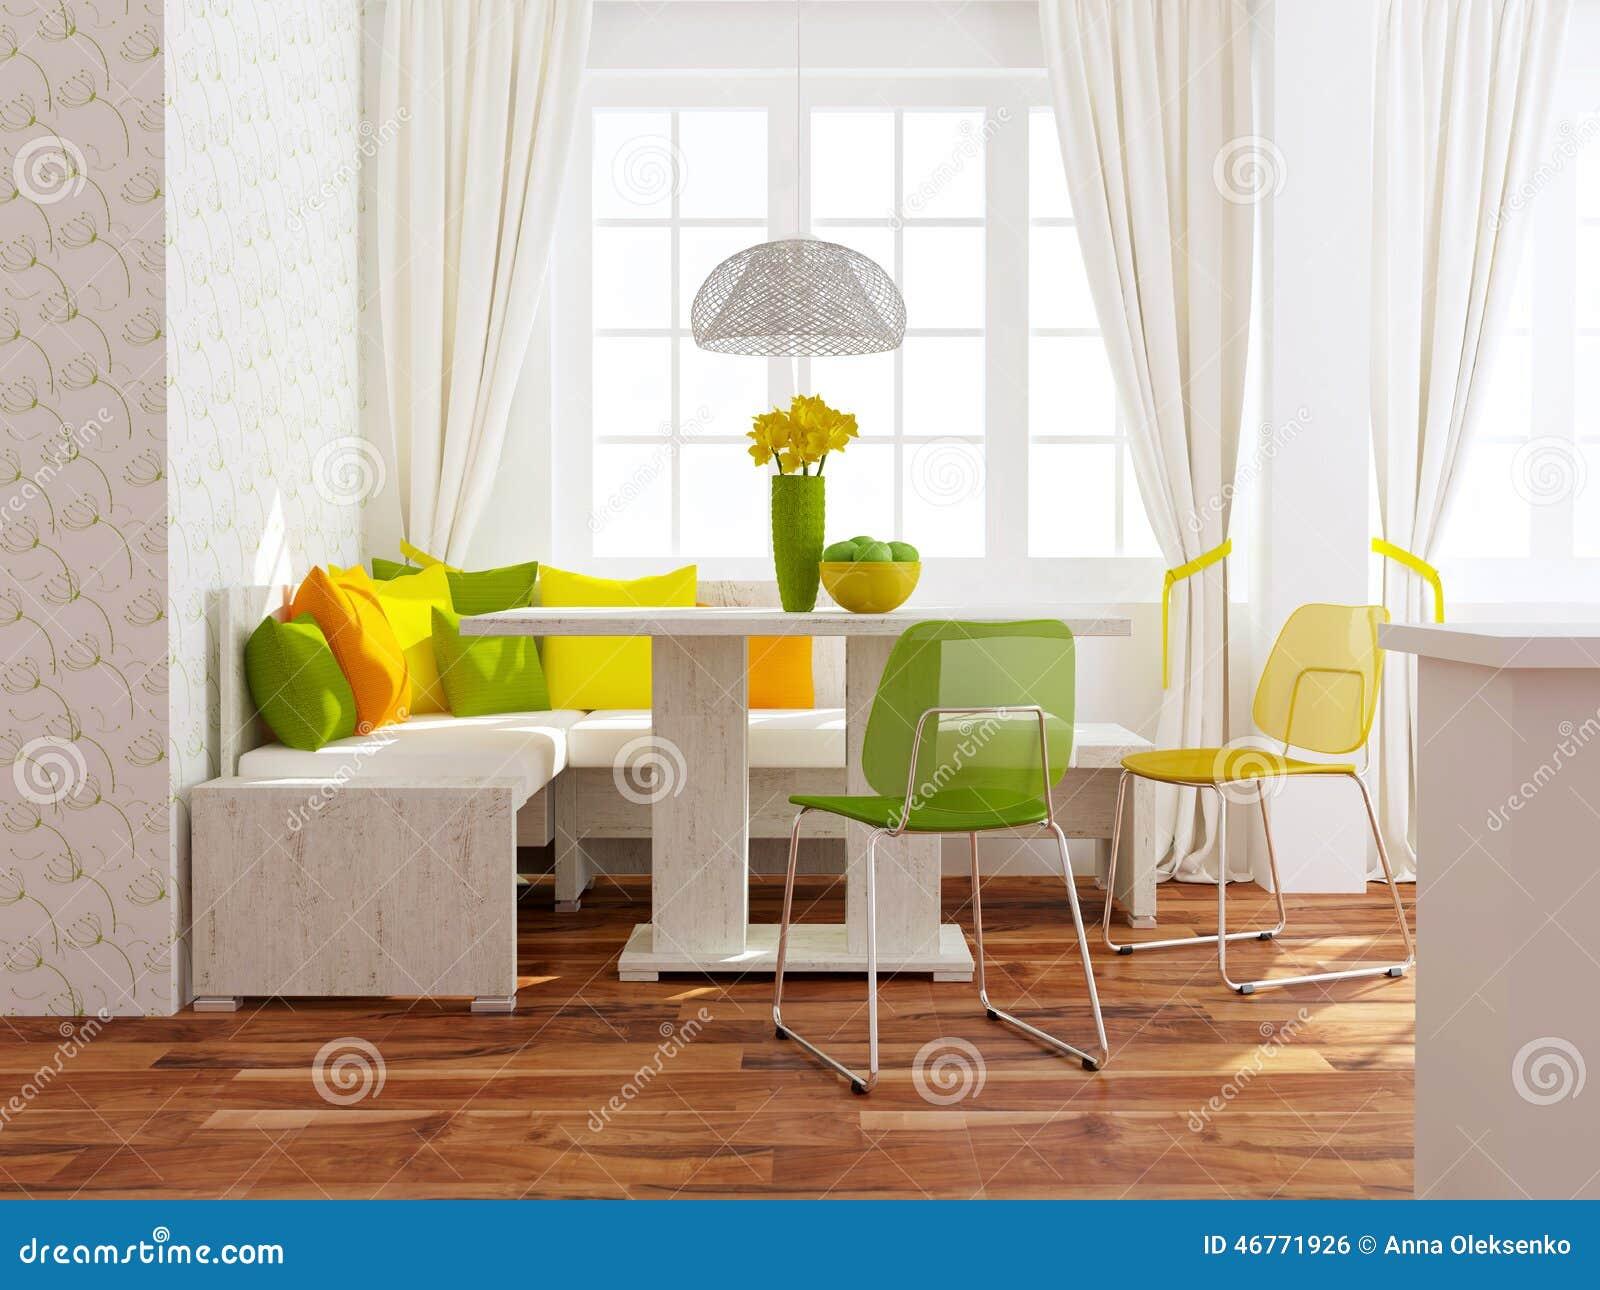 sala de jantar moderna : Sala De Jantar Moderna Foto de Stock - Imagem: 46771926